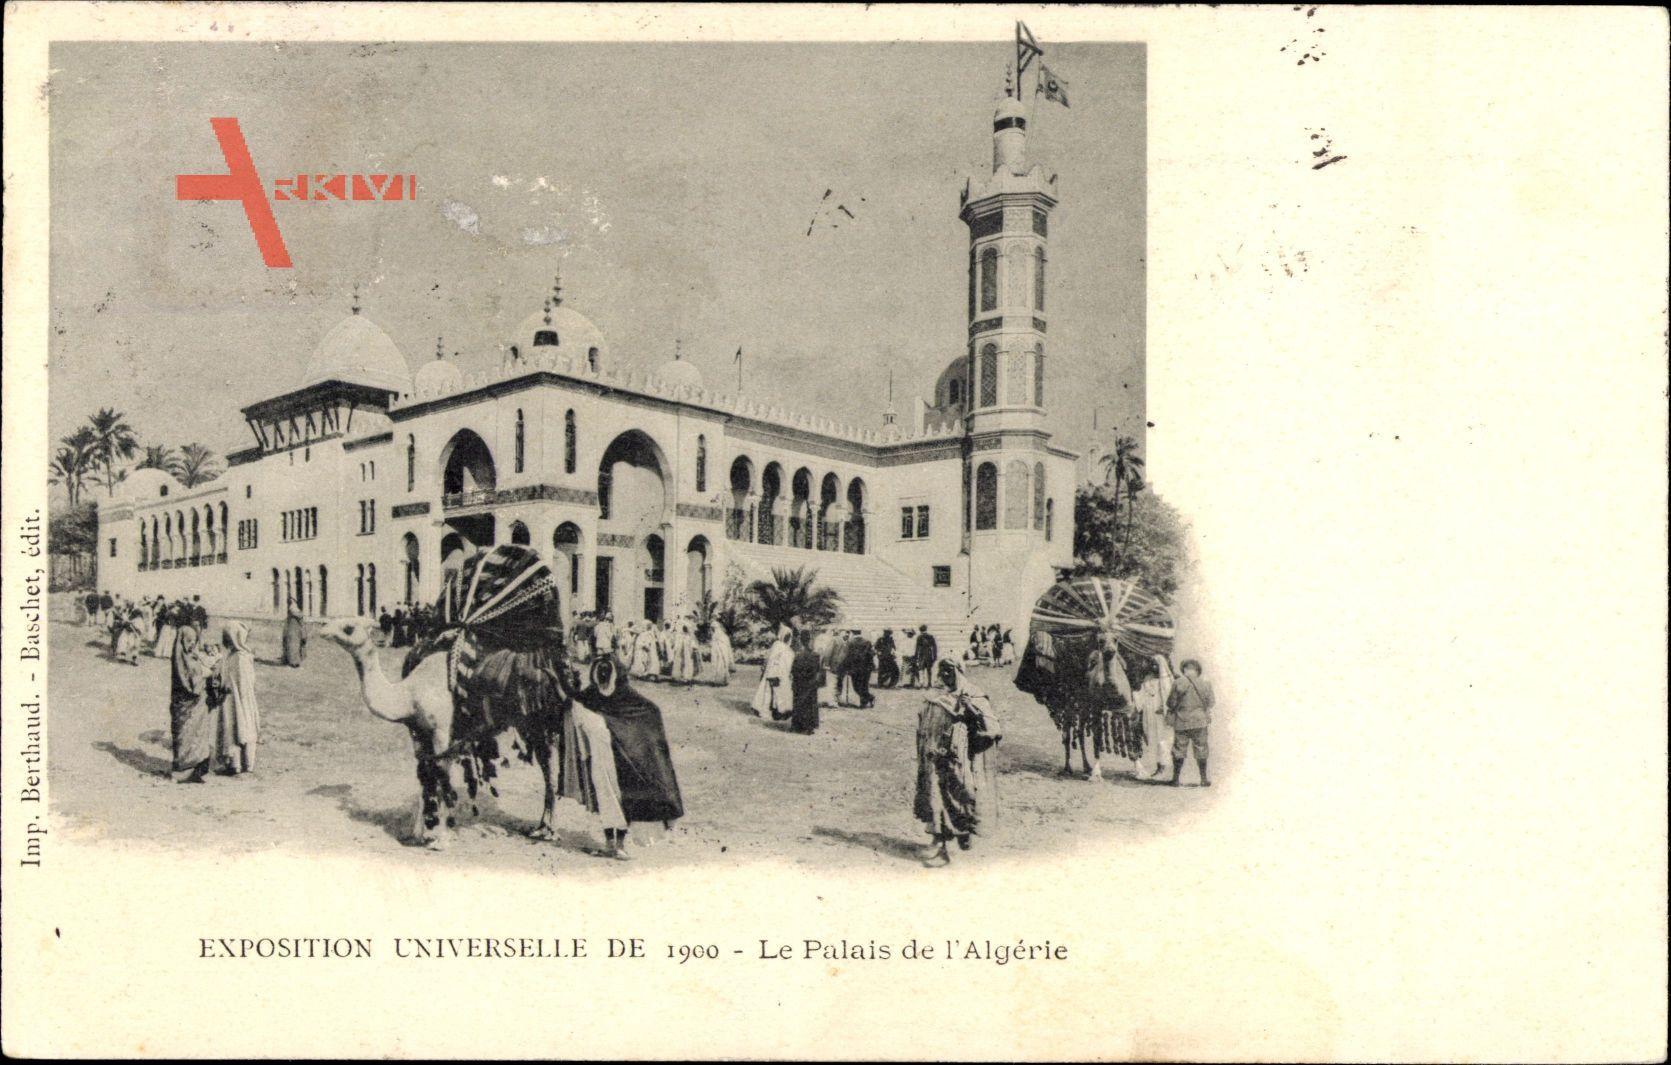 Paris, Exposition Universelle de 1900, Palais de lAlgerie, Kamel